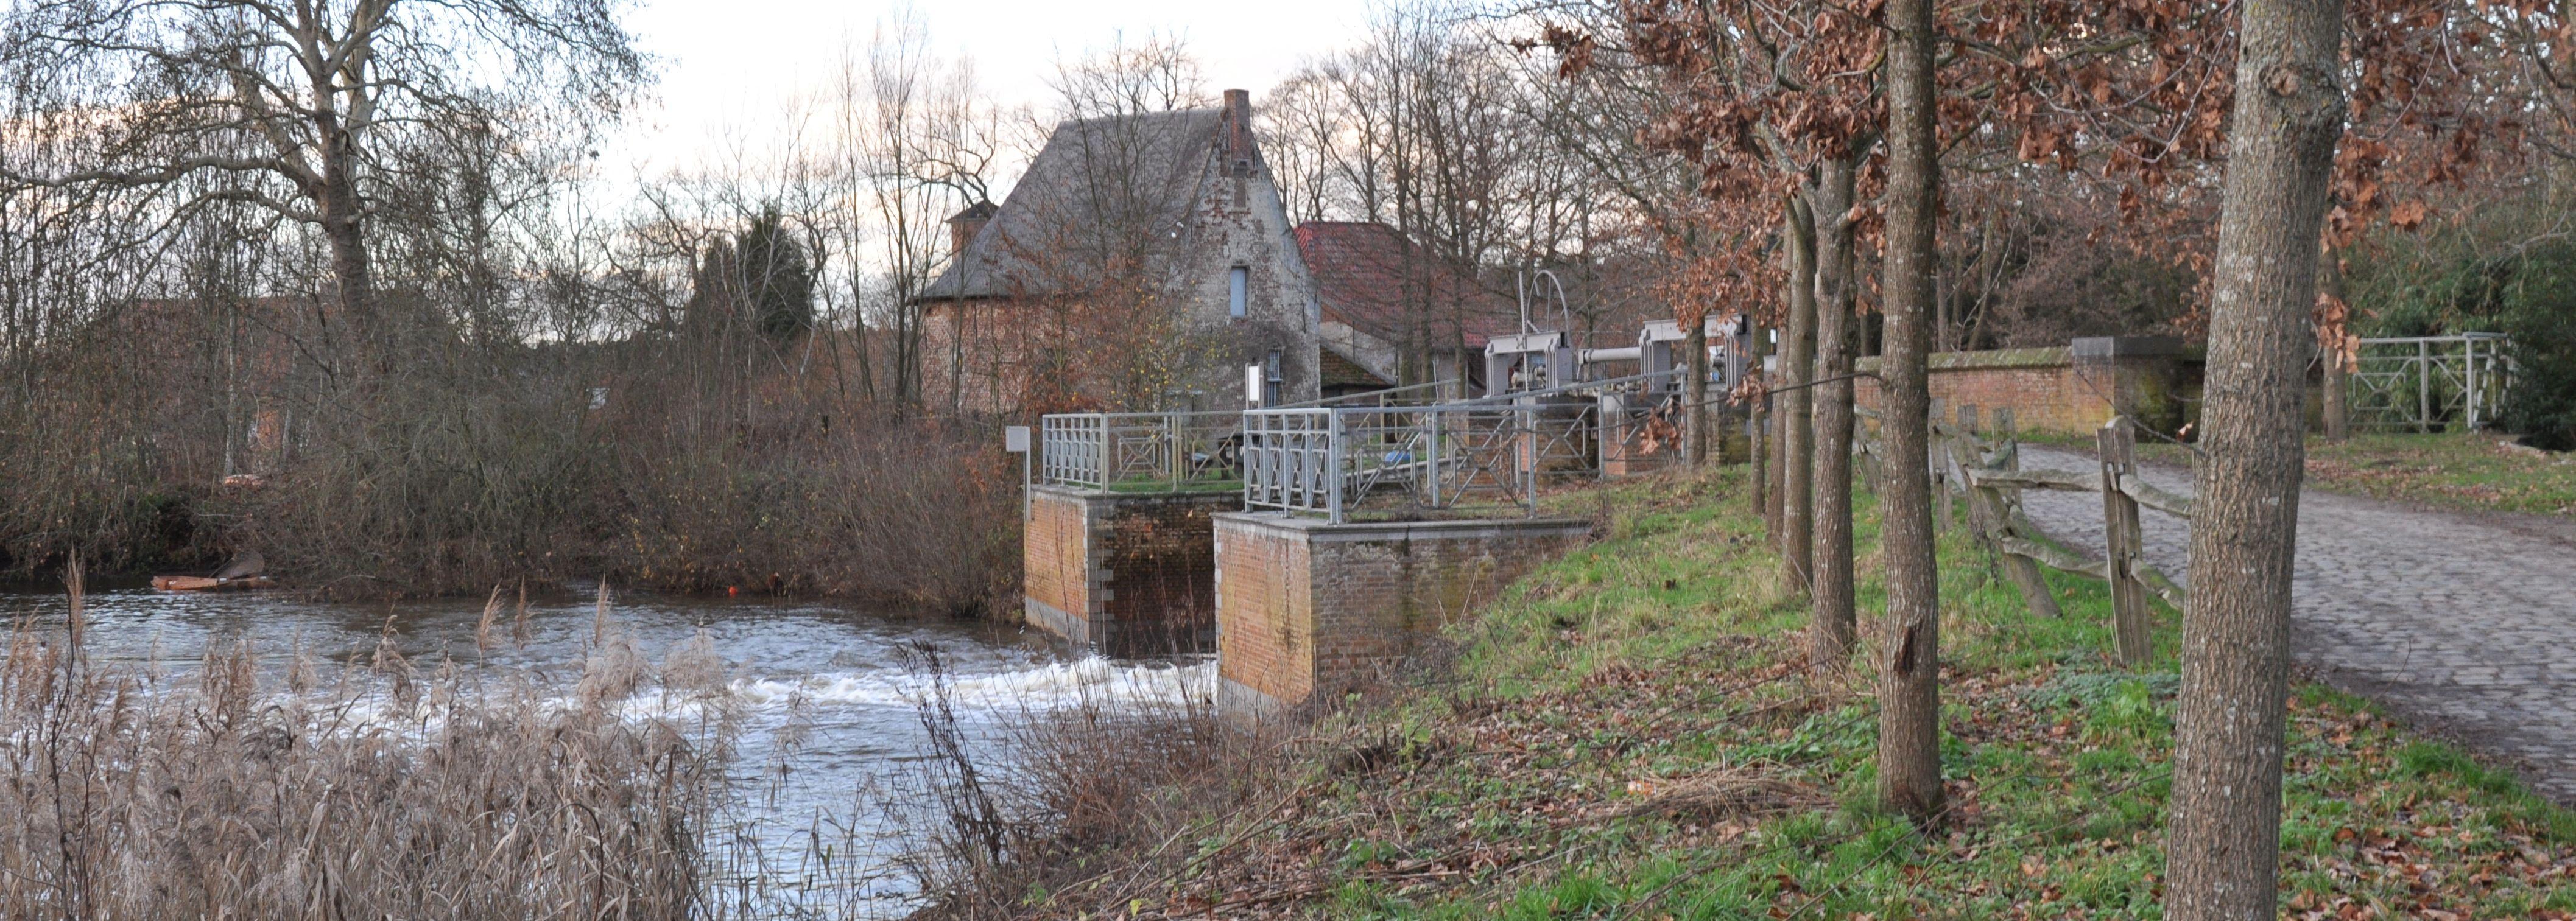 Netebekken - molen van Grobbendonk